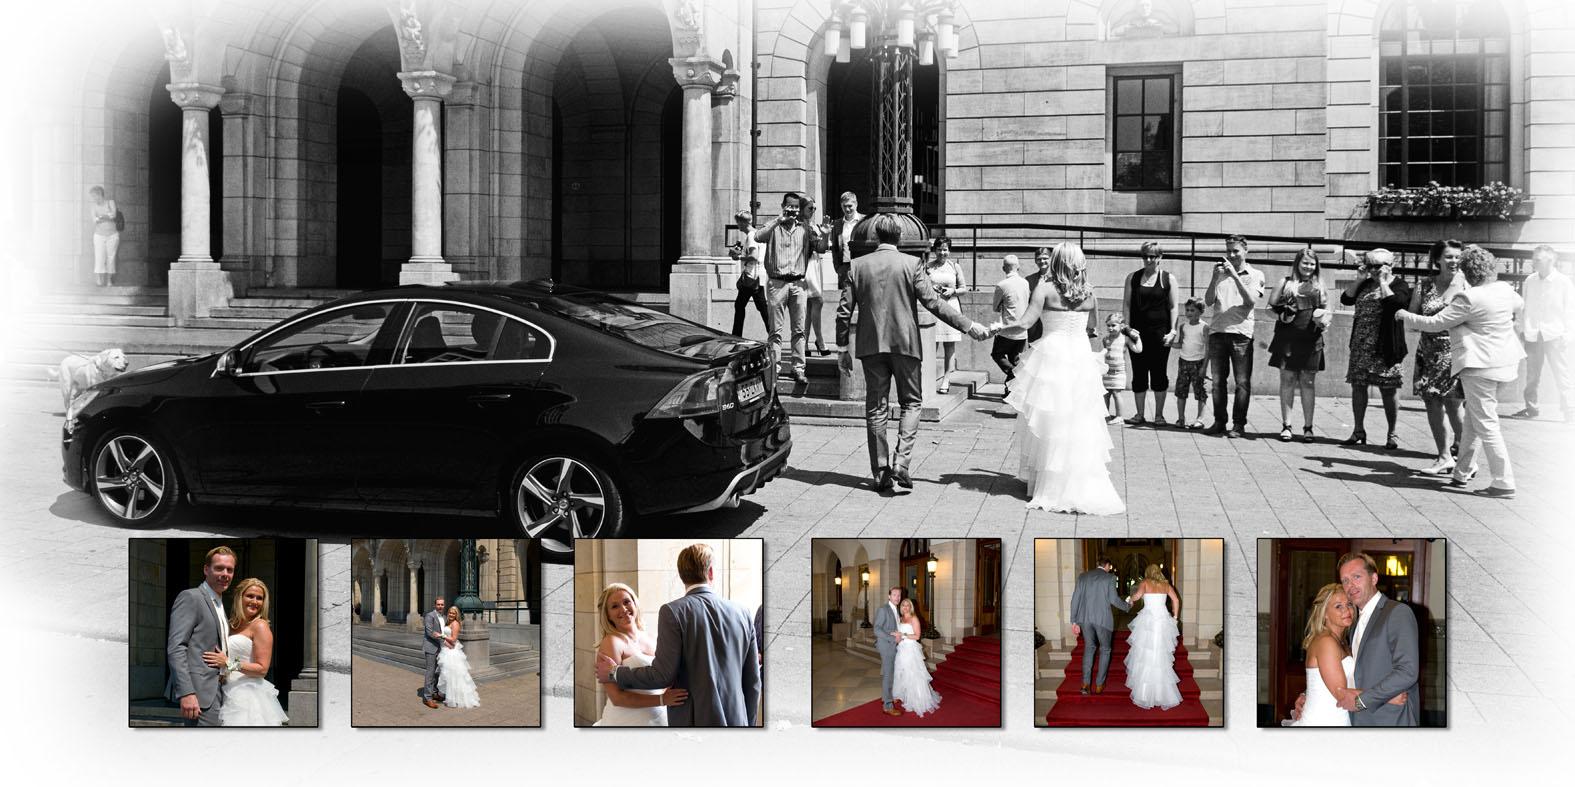 Niestadt-fotografie-Schoonhoven-trouw-fotos-Rotterdam-Esther-en-Patrick-trouwboek-pagina-5